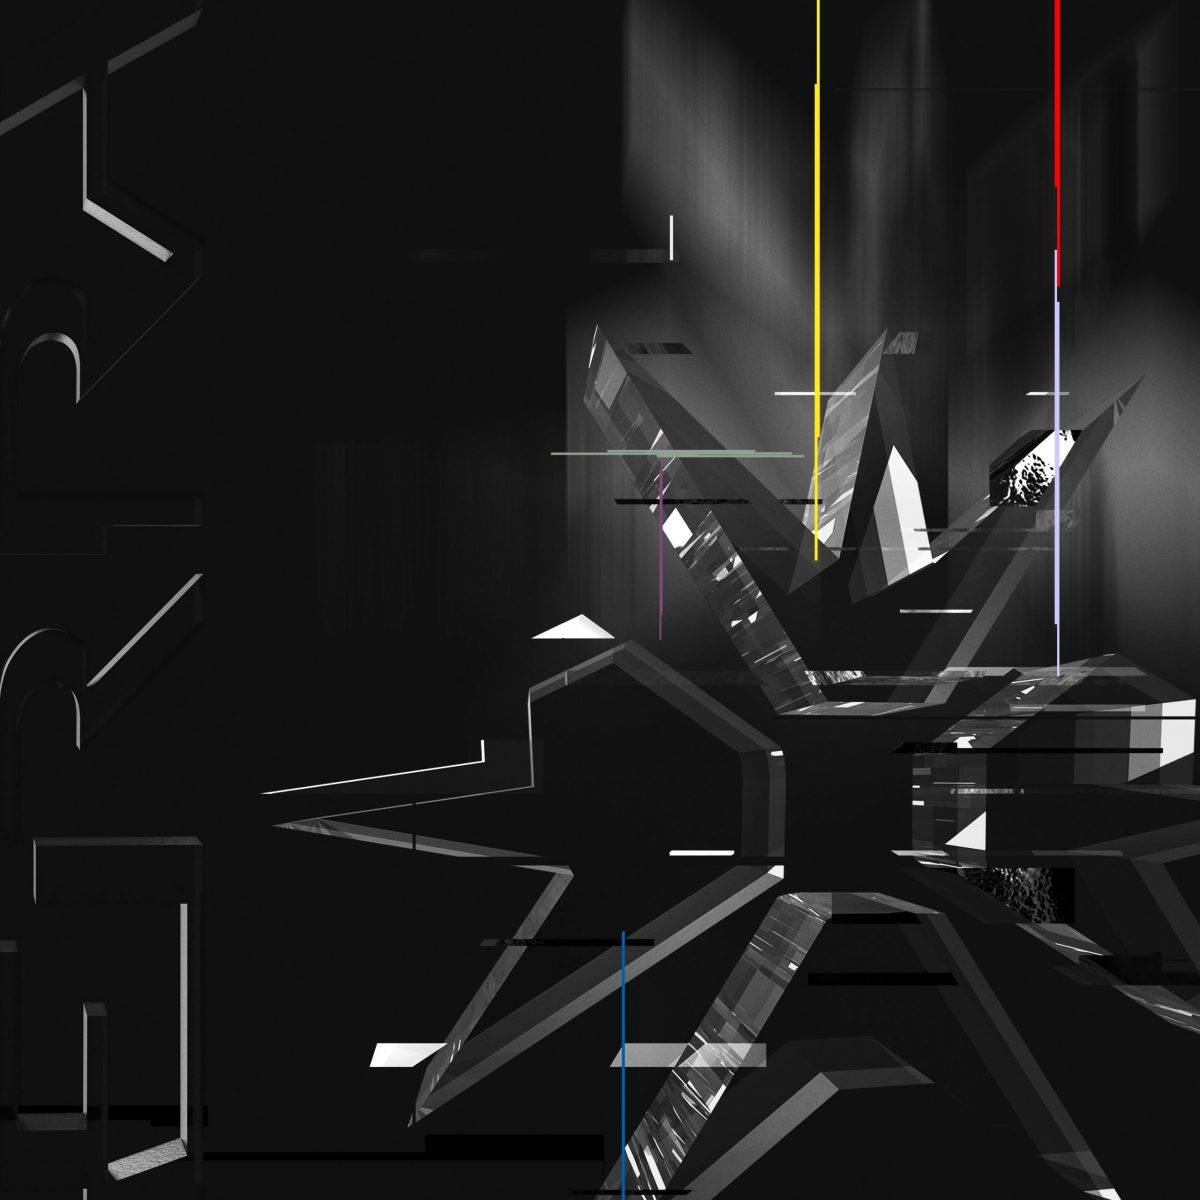 erra-erra-album-review